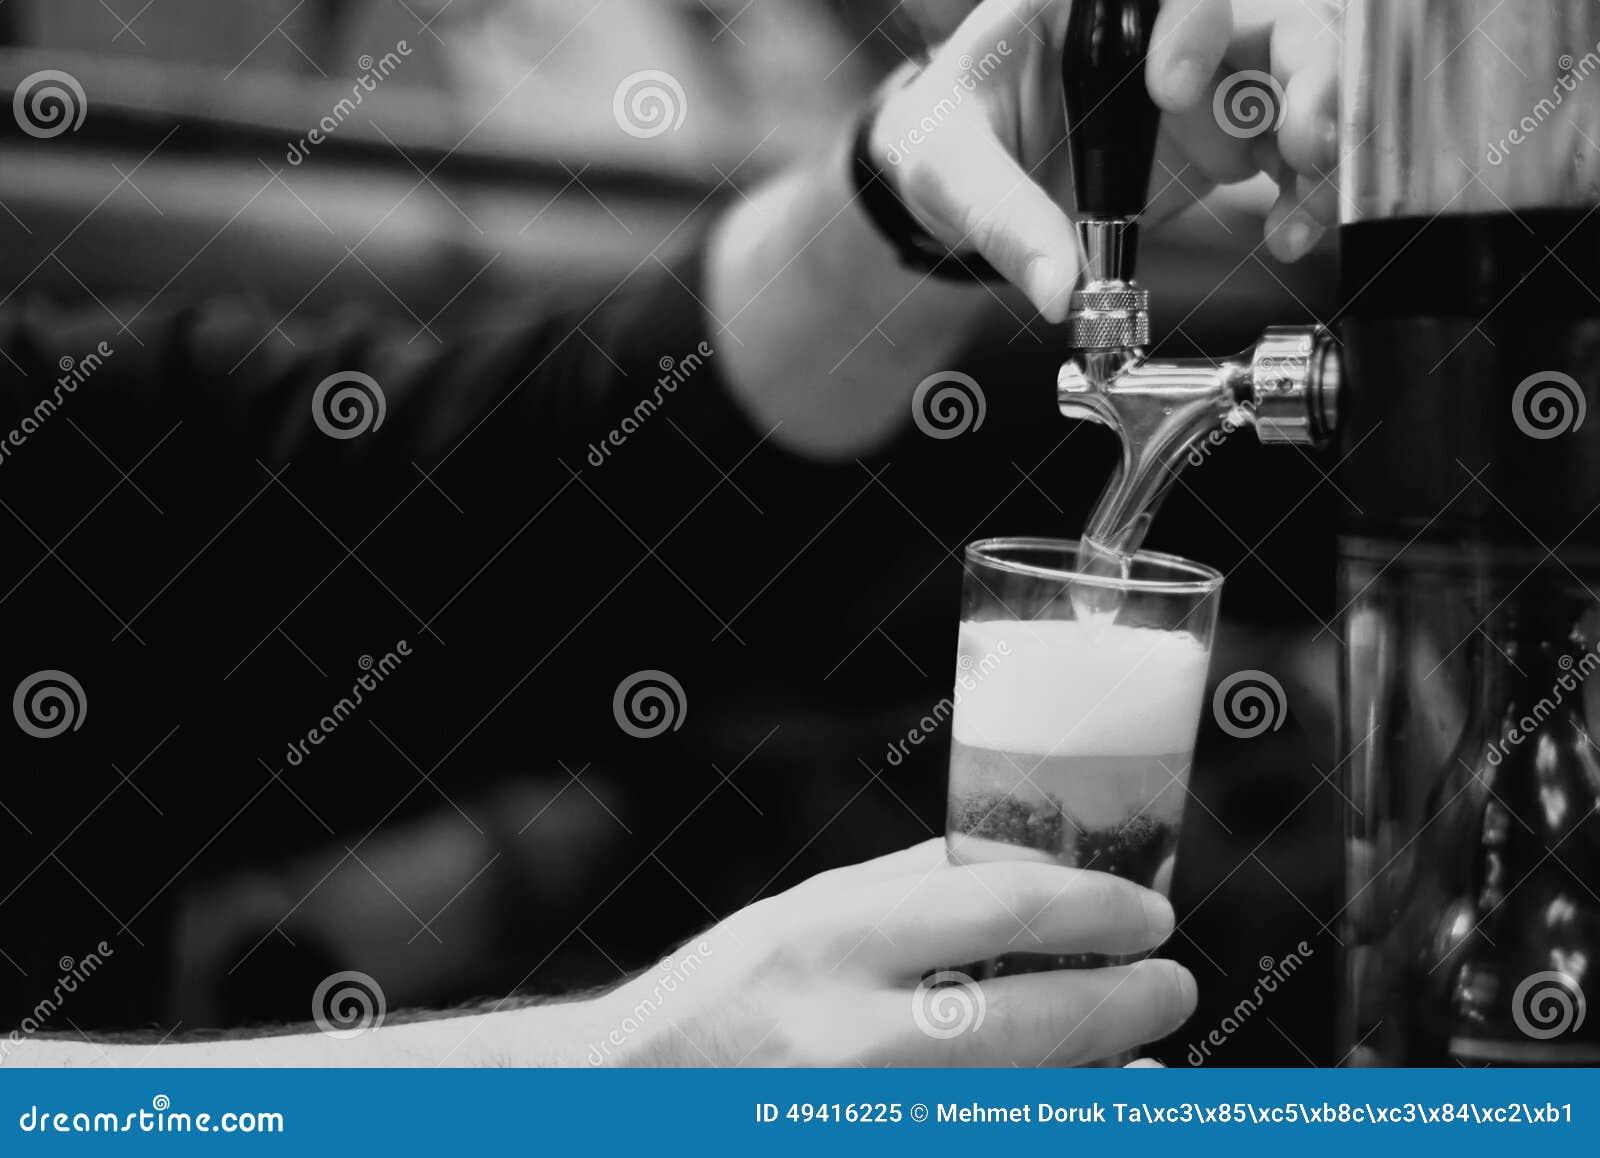 Download Bierhalbes Liter Und Hahnhahn Stockbild - Bild von behälter, kalt: 49416225